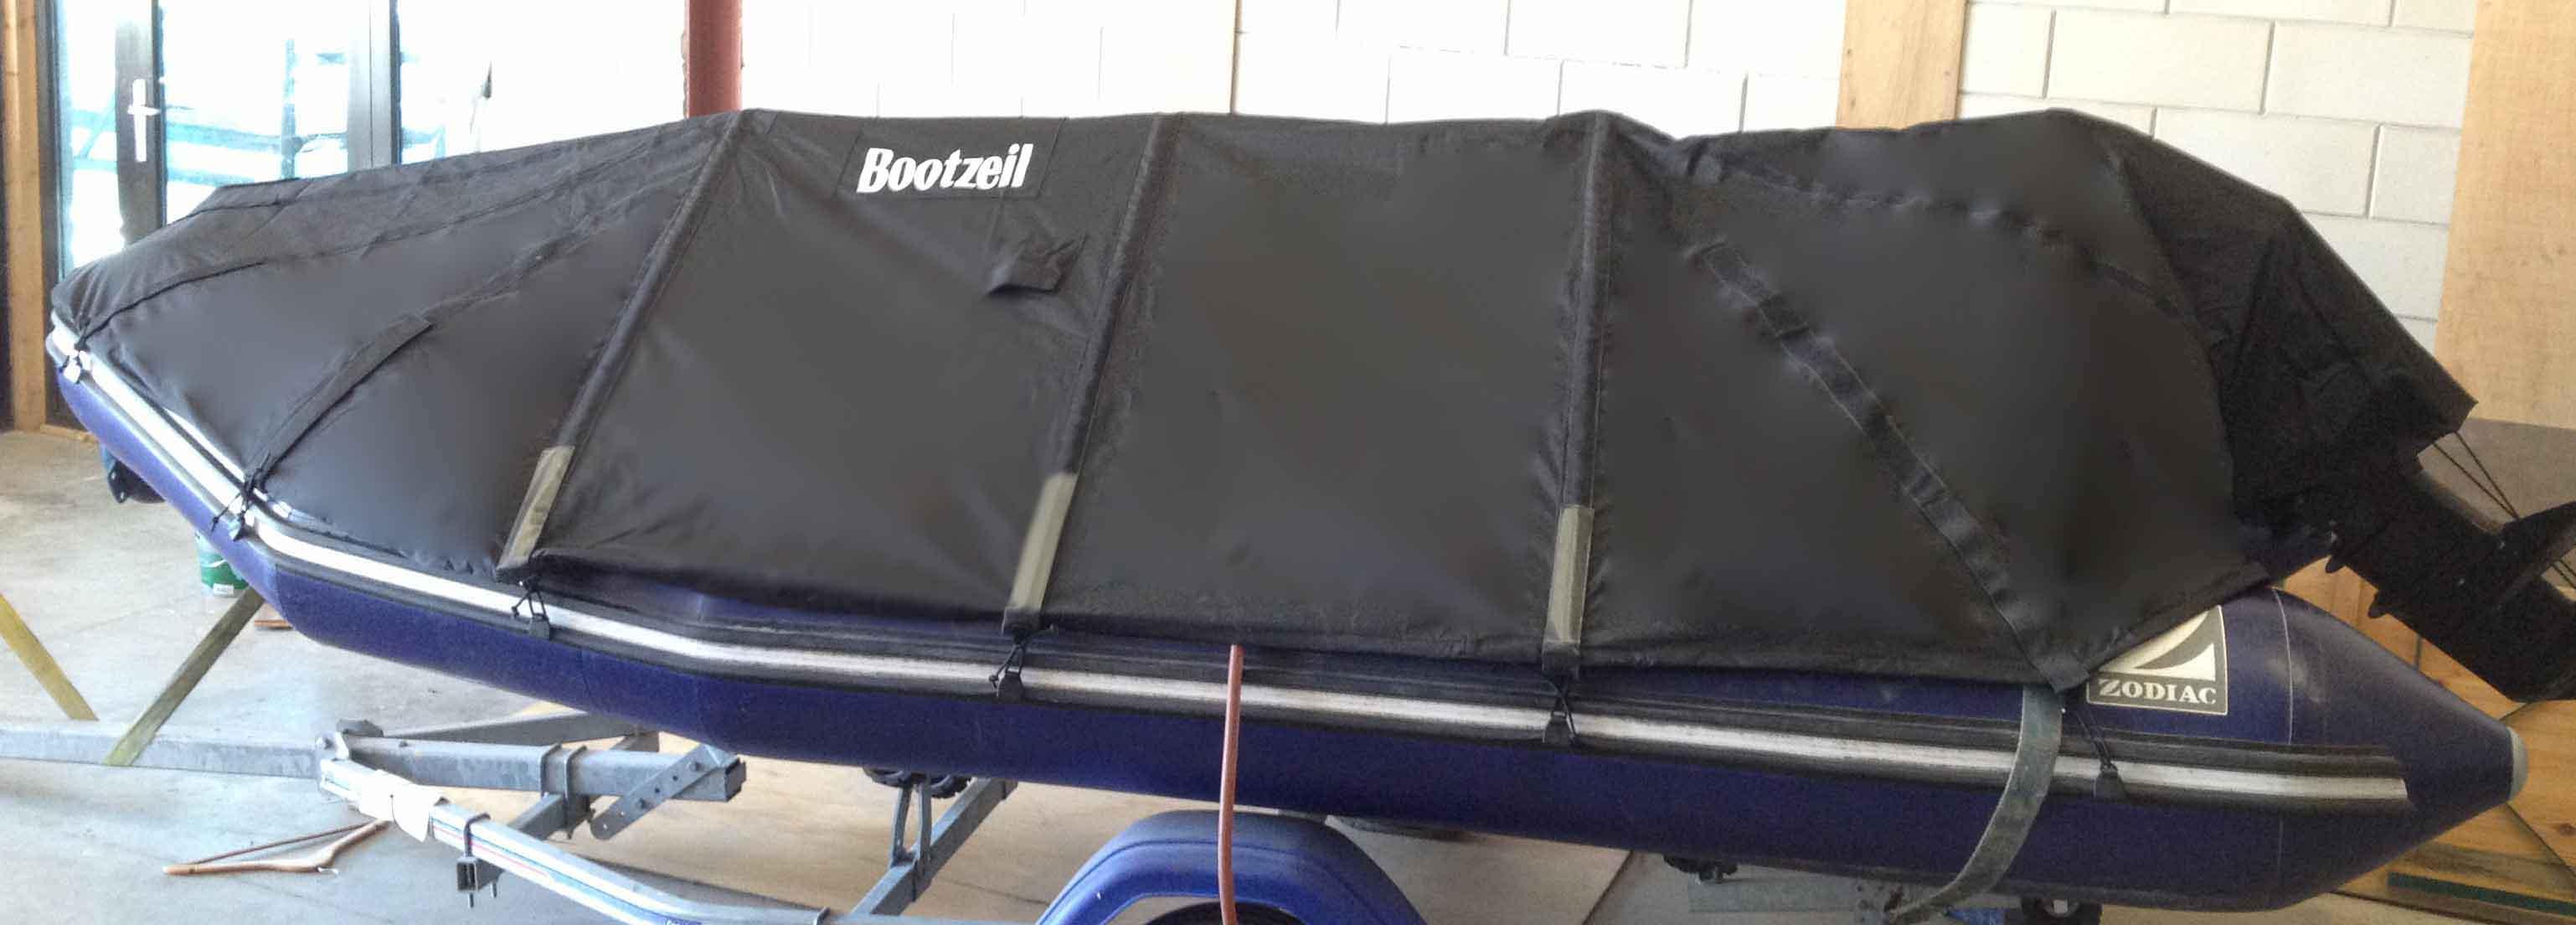 dekzeil-rubberboot